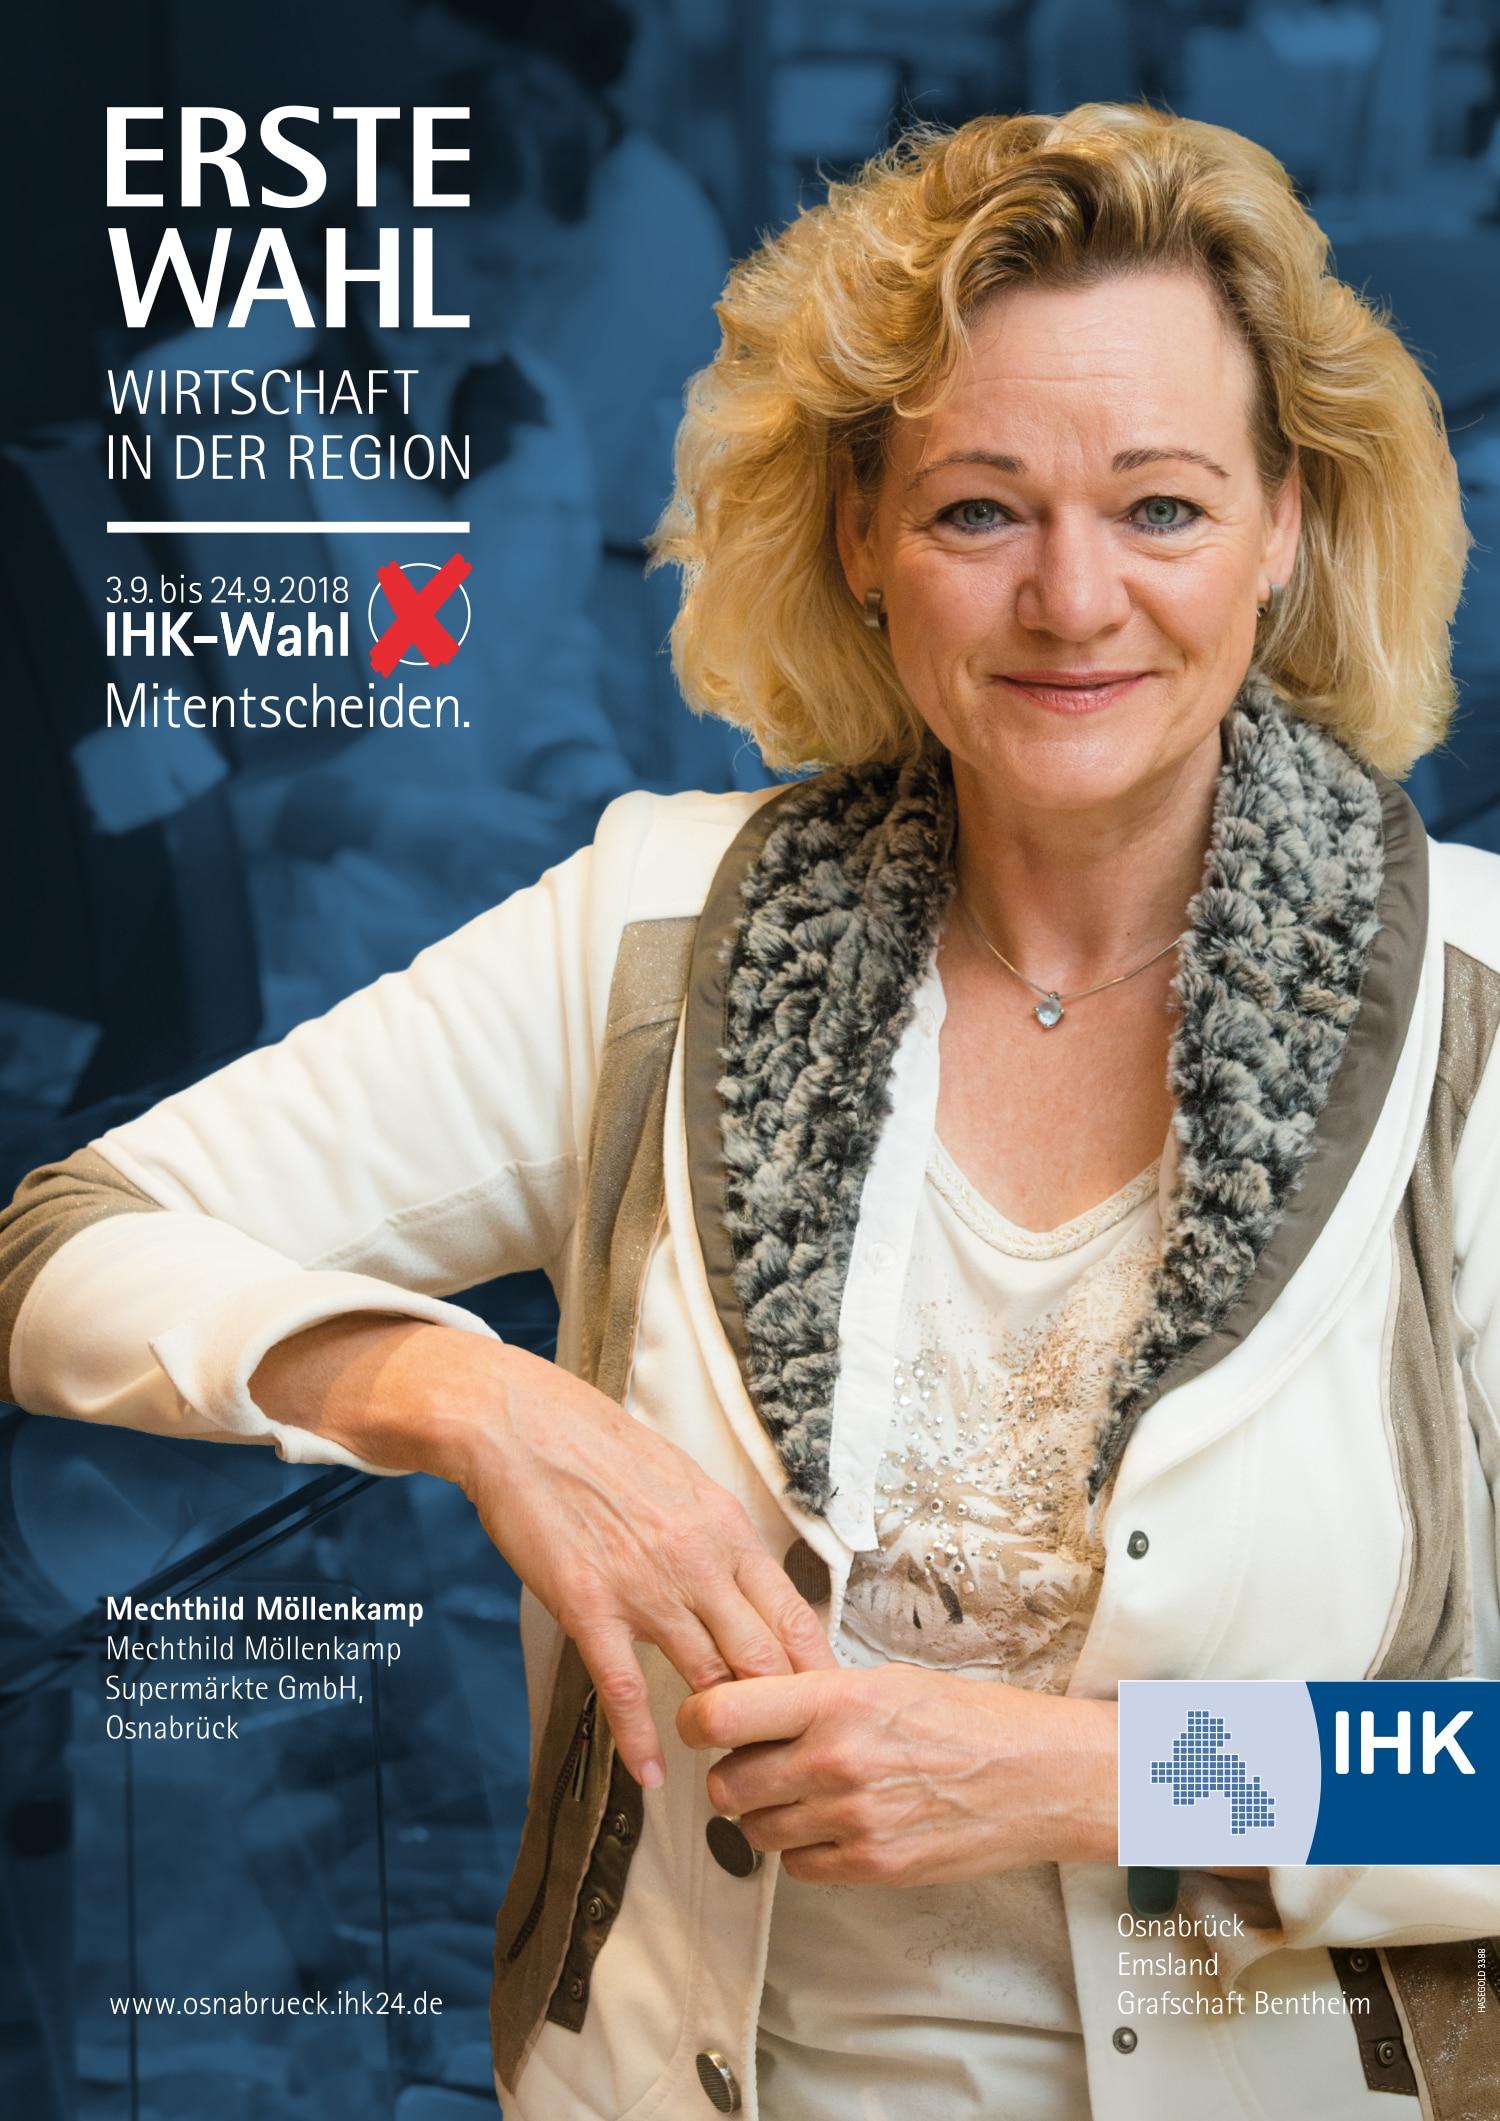 Möllenkamp Plakat für IHK Vollversammlungswahl in Osnabrück gestaltet von HASEGOLD, der Osnabrücker WordPress- und Grafik-Agentur